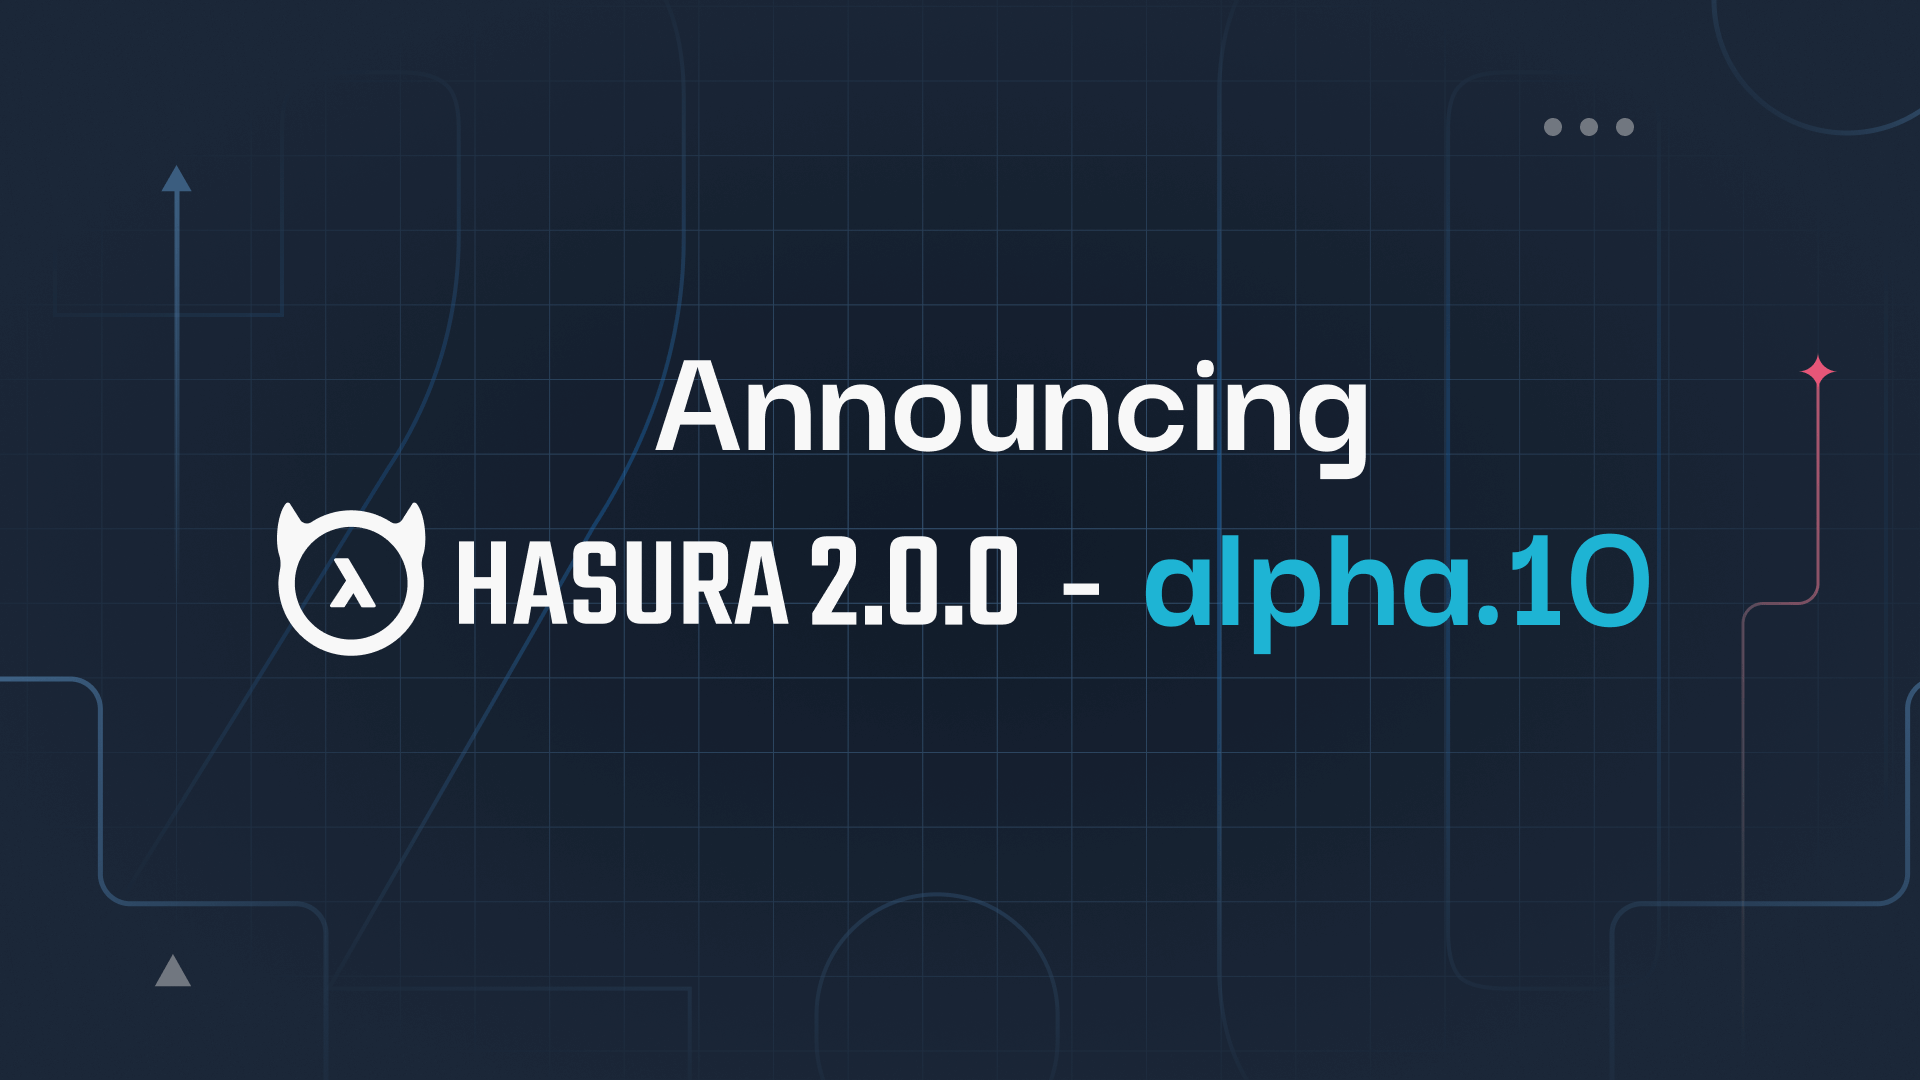 Announcing Hasura 2.0.0-alpha.10